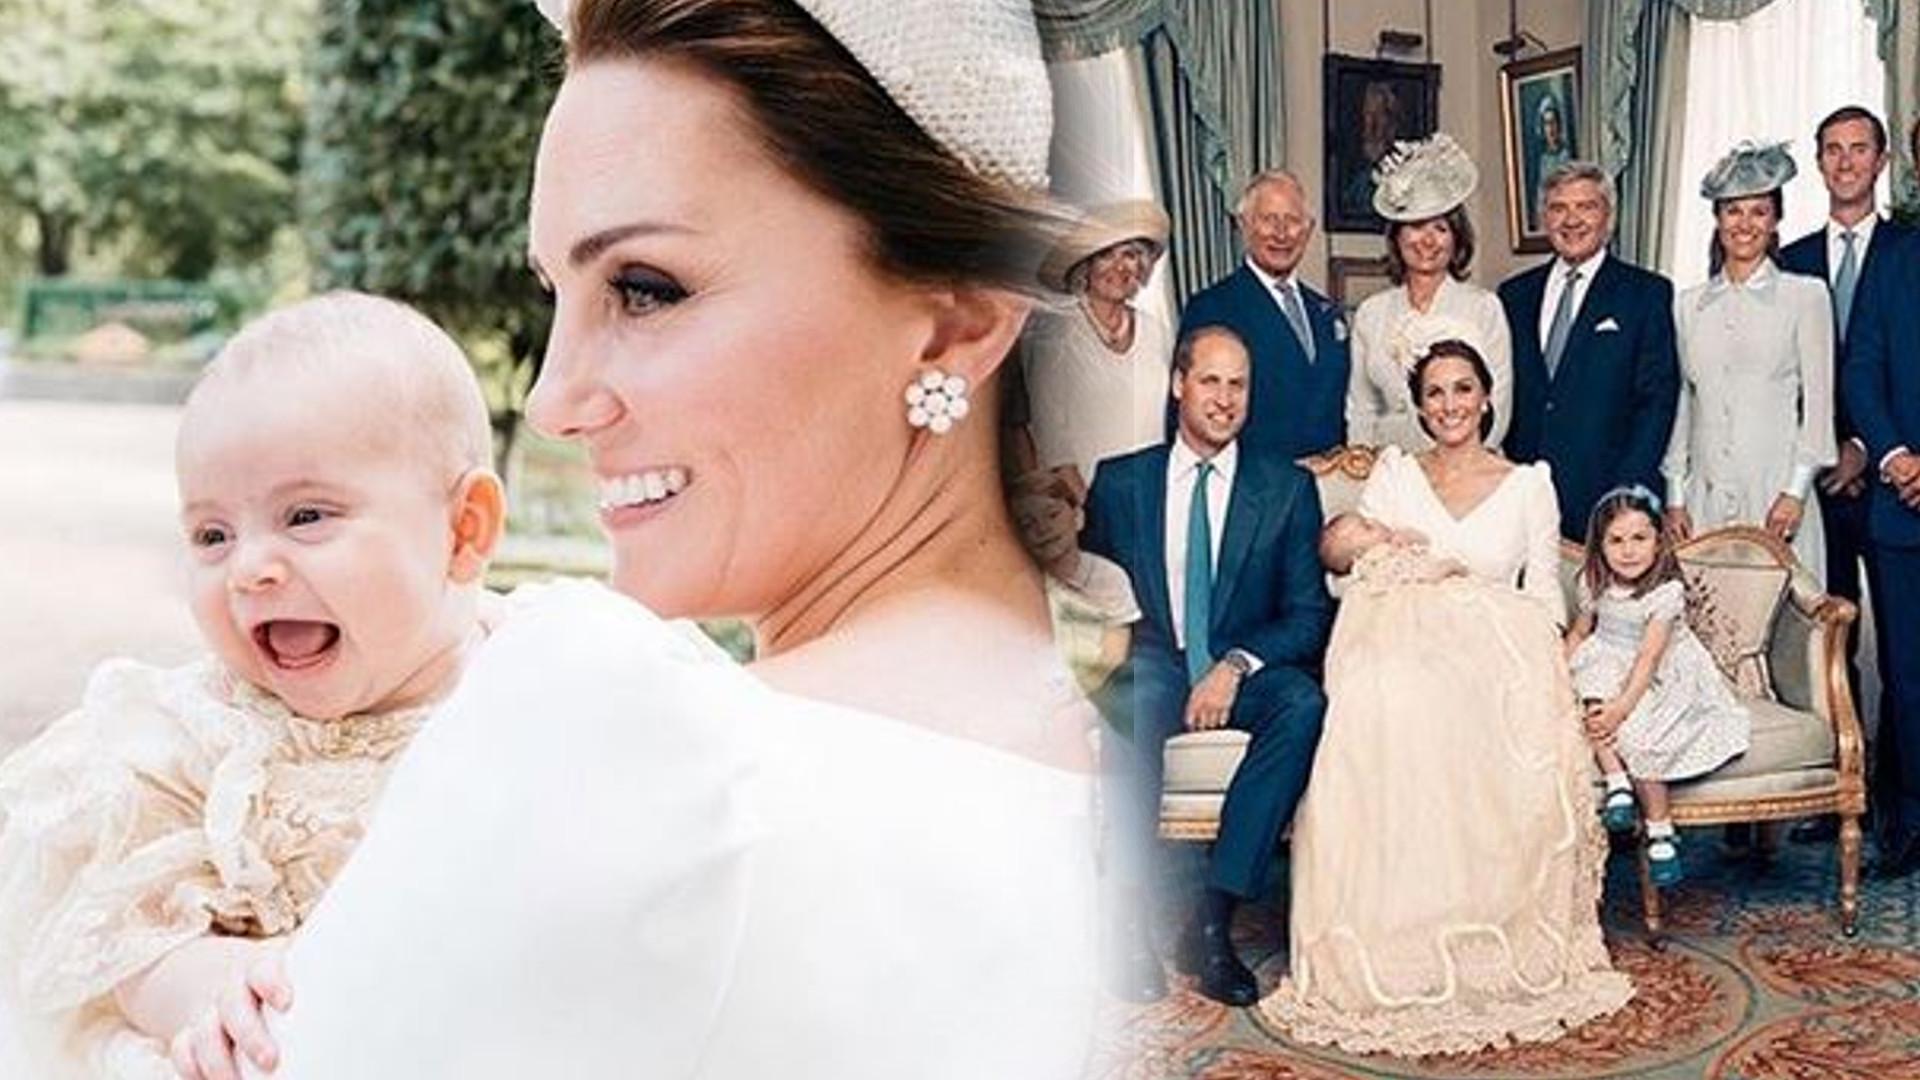 Zdjęcia z chrztu księcia Louisa pokazują OGROMNE zmiany w rodzinie królewskiej